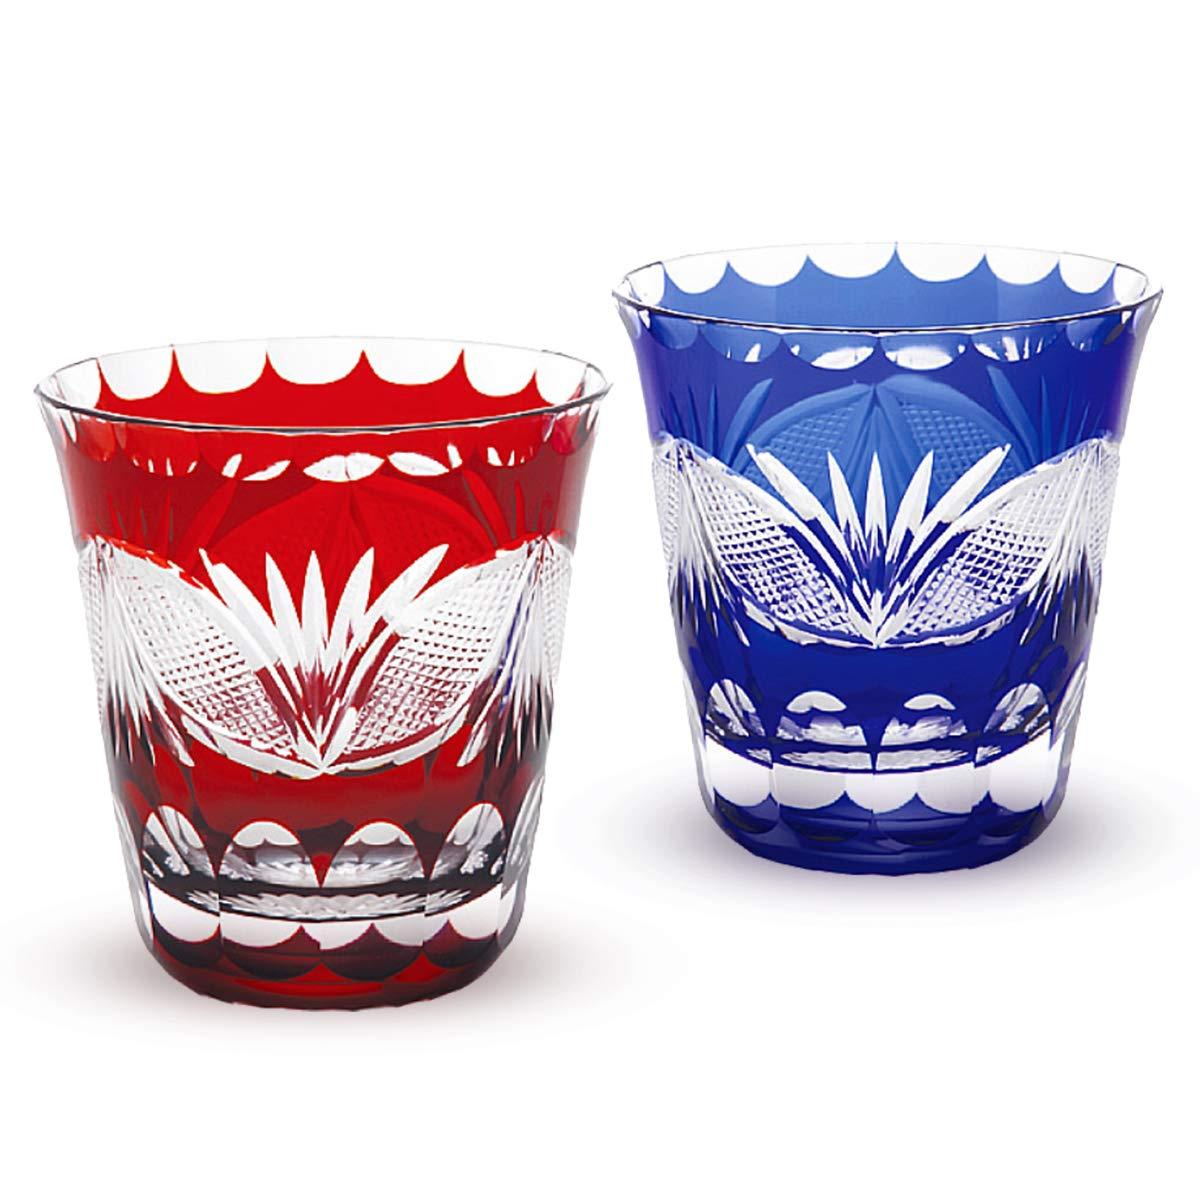 ヒロタグラスクラフト 小野塚定造作 ペア焼酎グラス 縁飾り舟型七宝